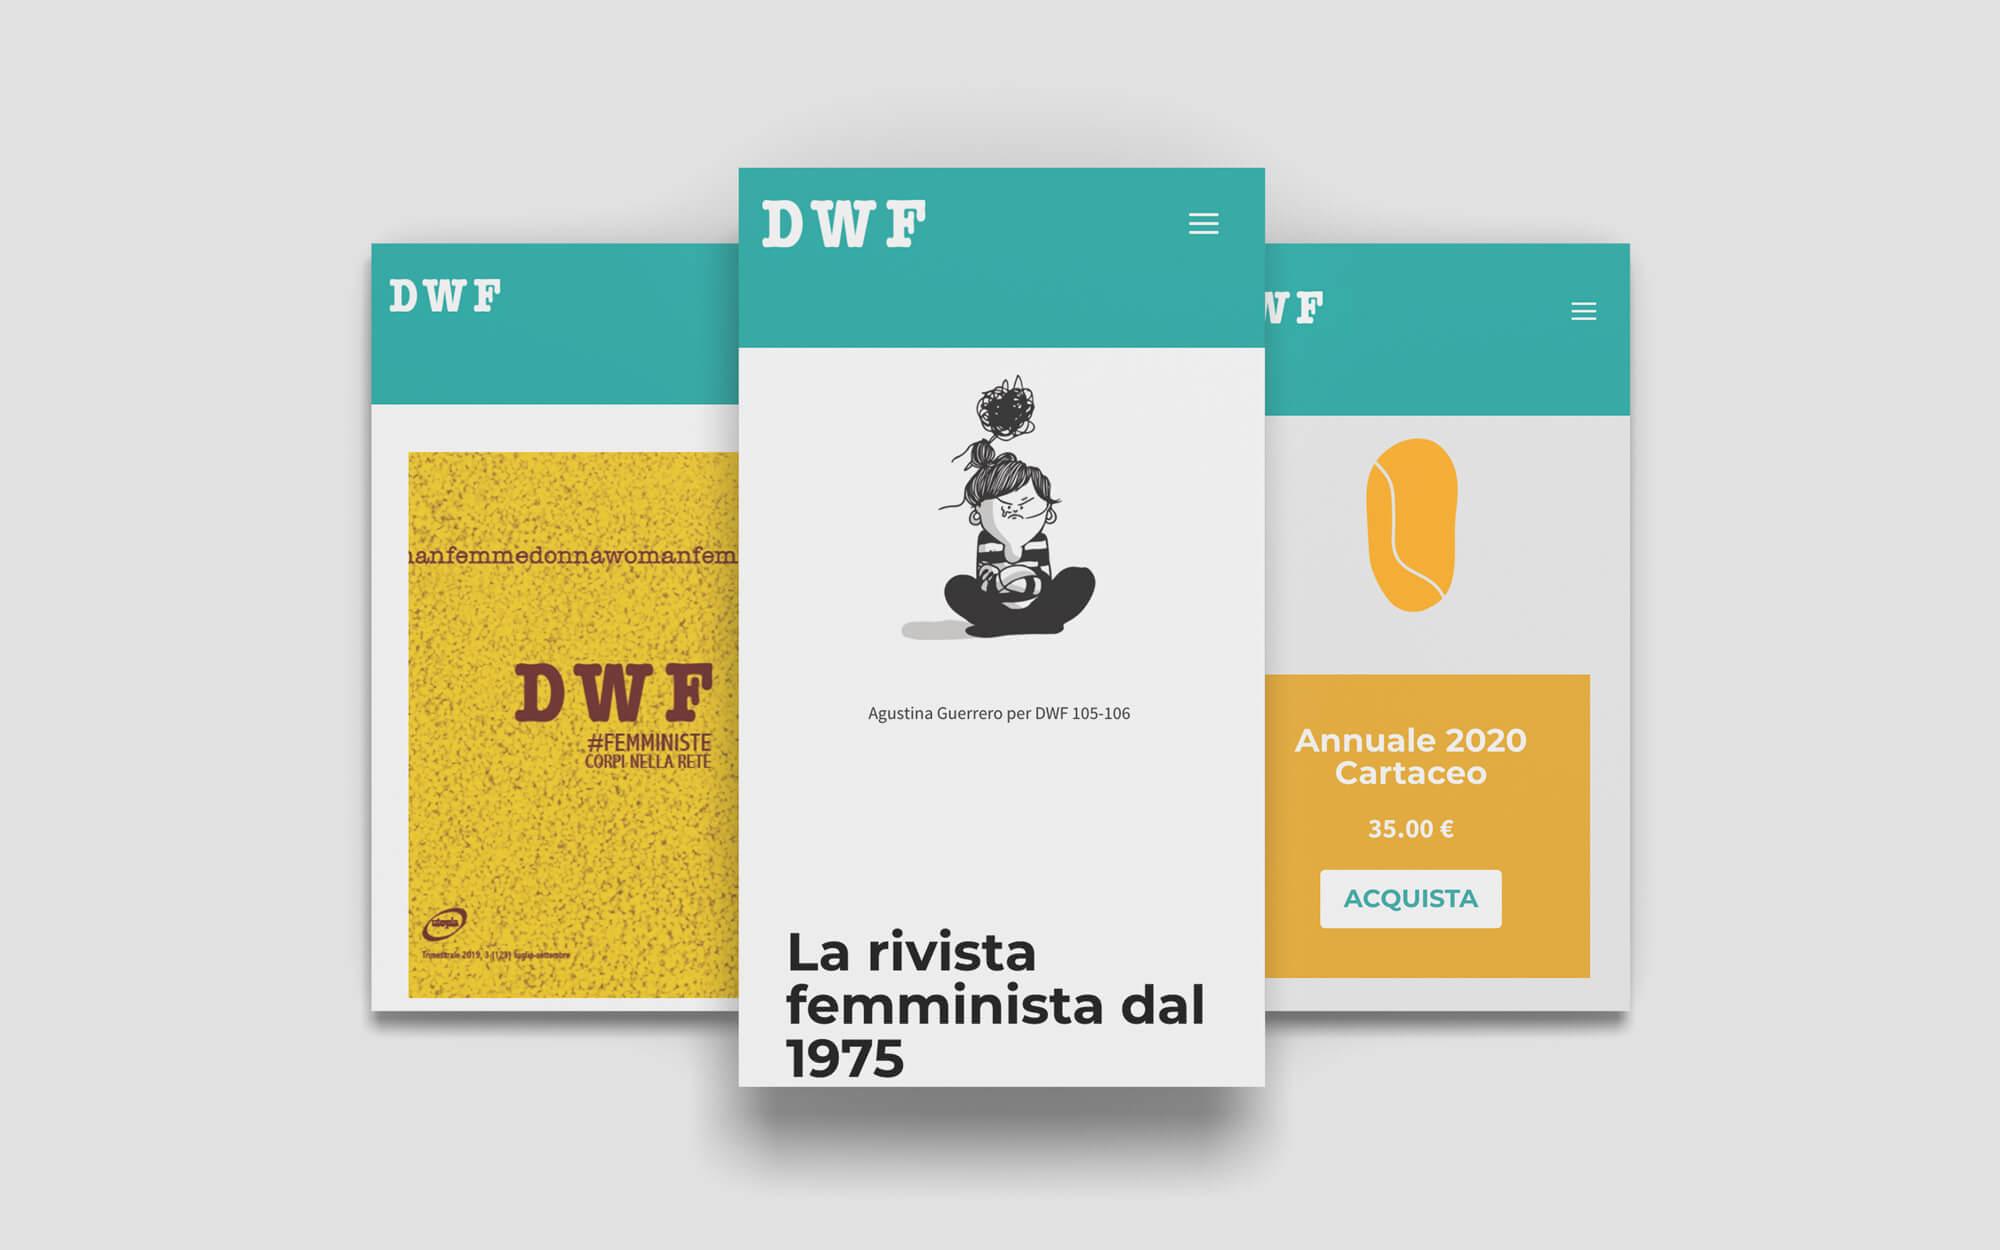 dwf 2